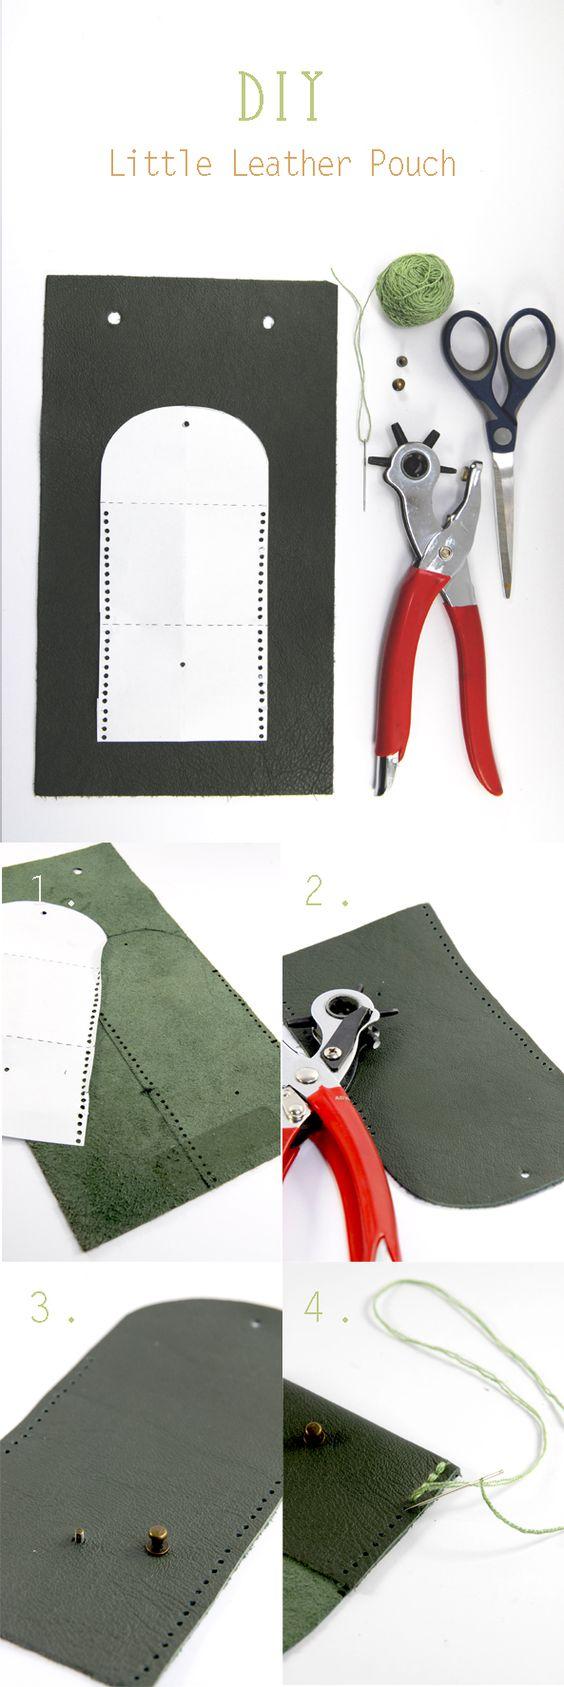 tuto comment faire un petit porte monnaie en cuir facilement portefeuilles en cuir. Black Bedroom Furniture Sets. Home Design Ideas